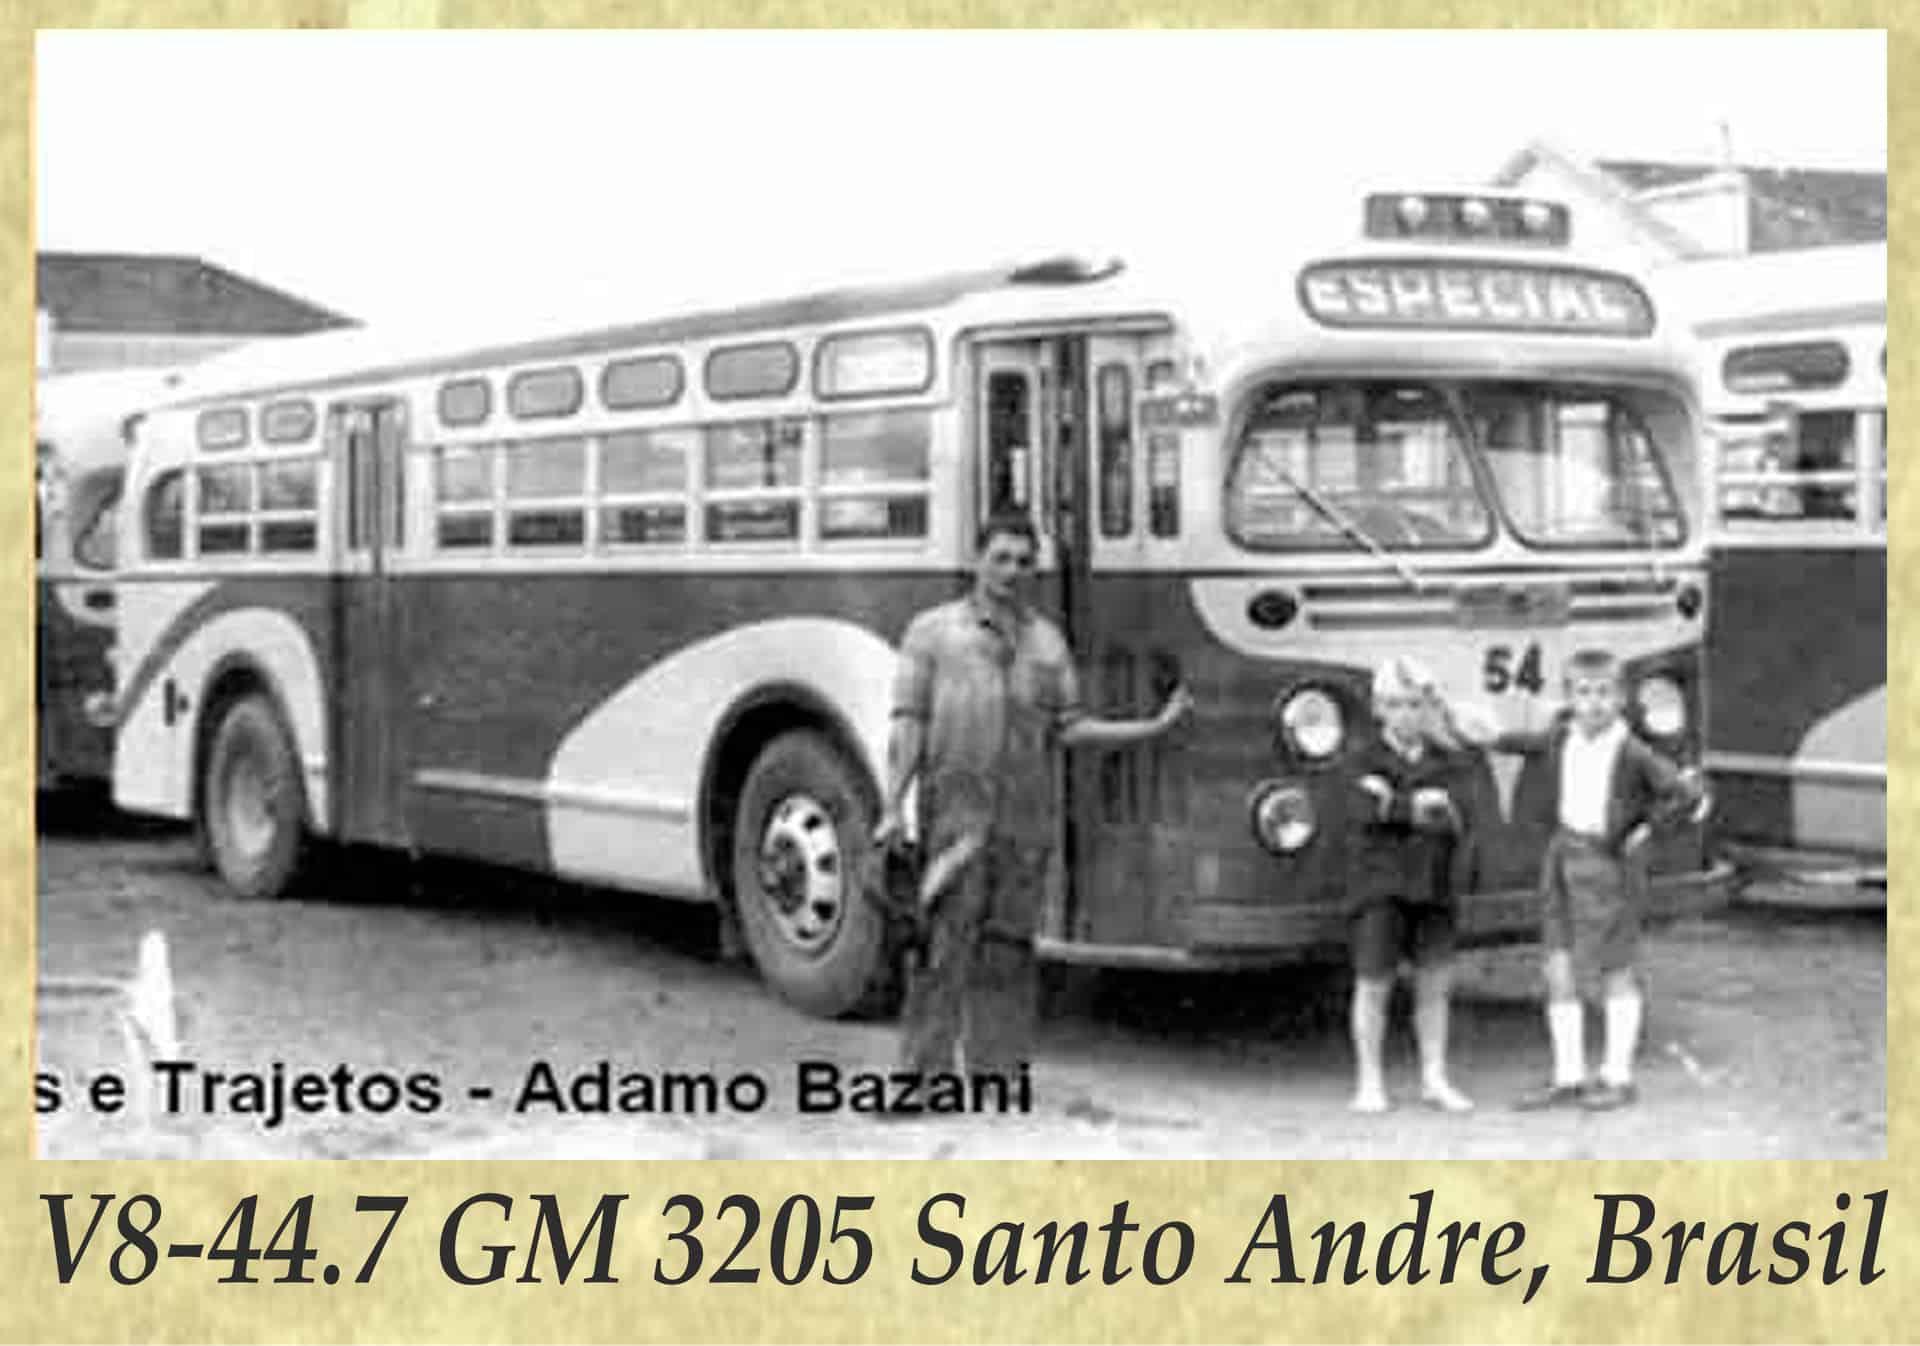 V8-44.7 GM 3205 Santo Andre, Brasil